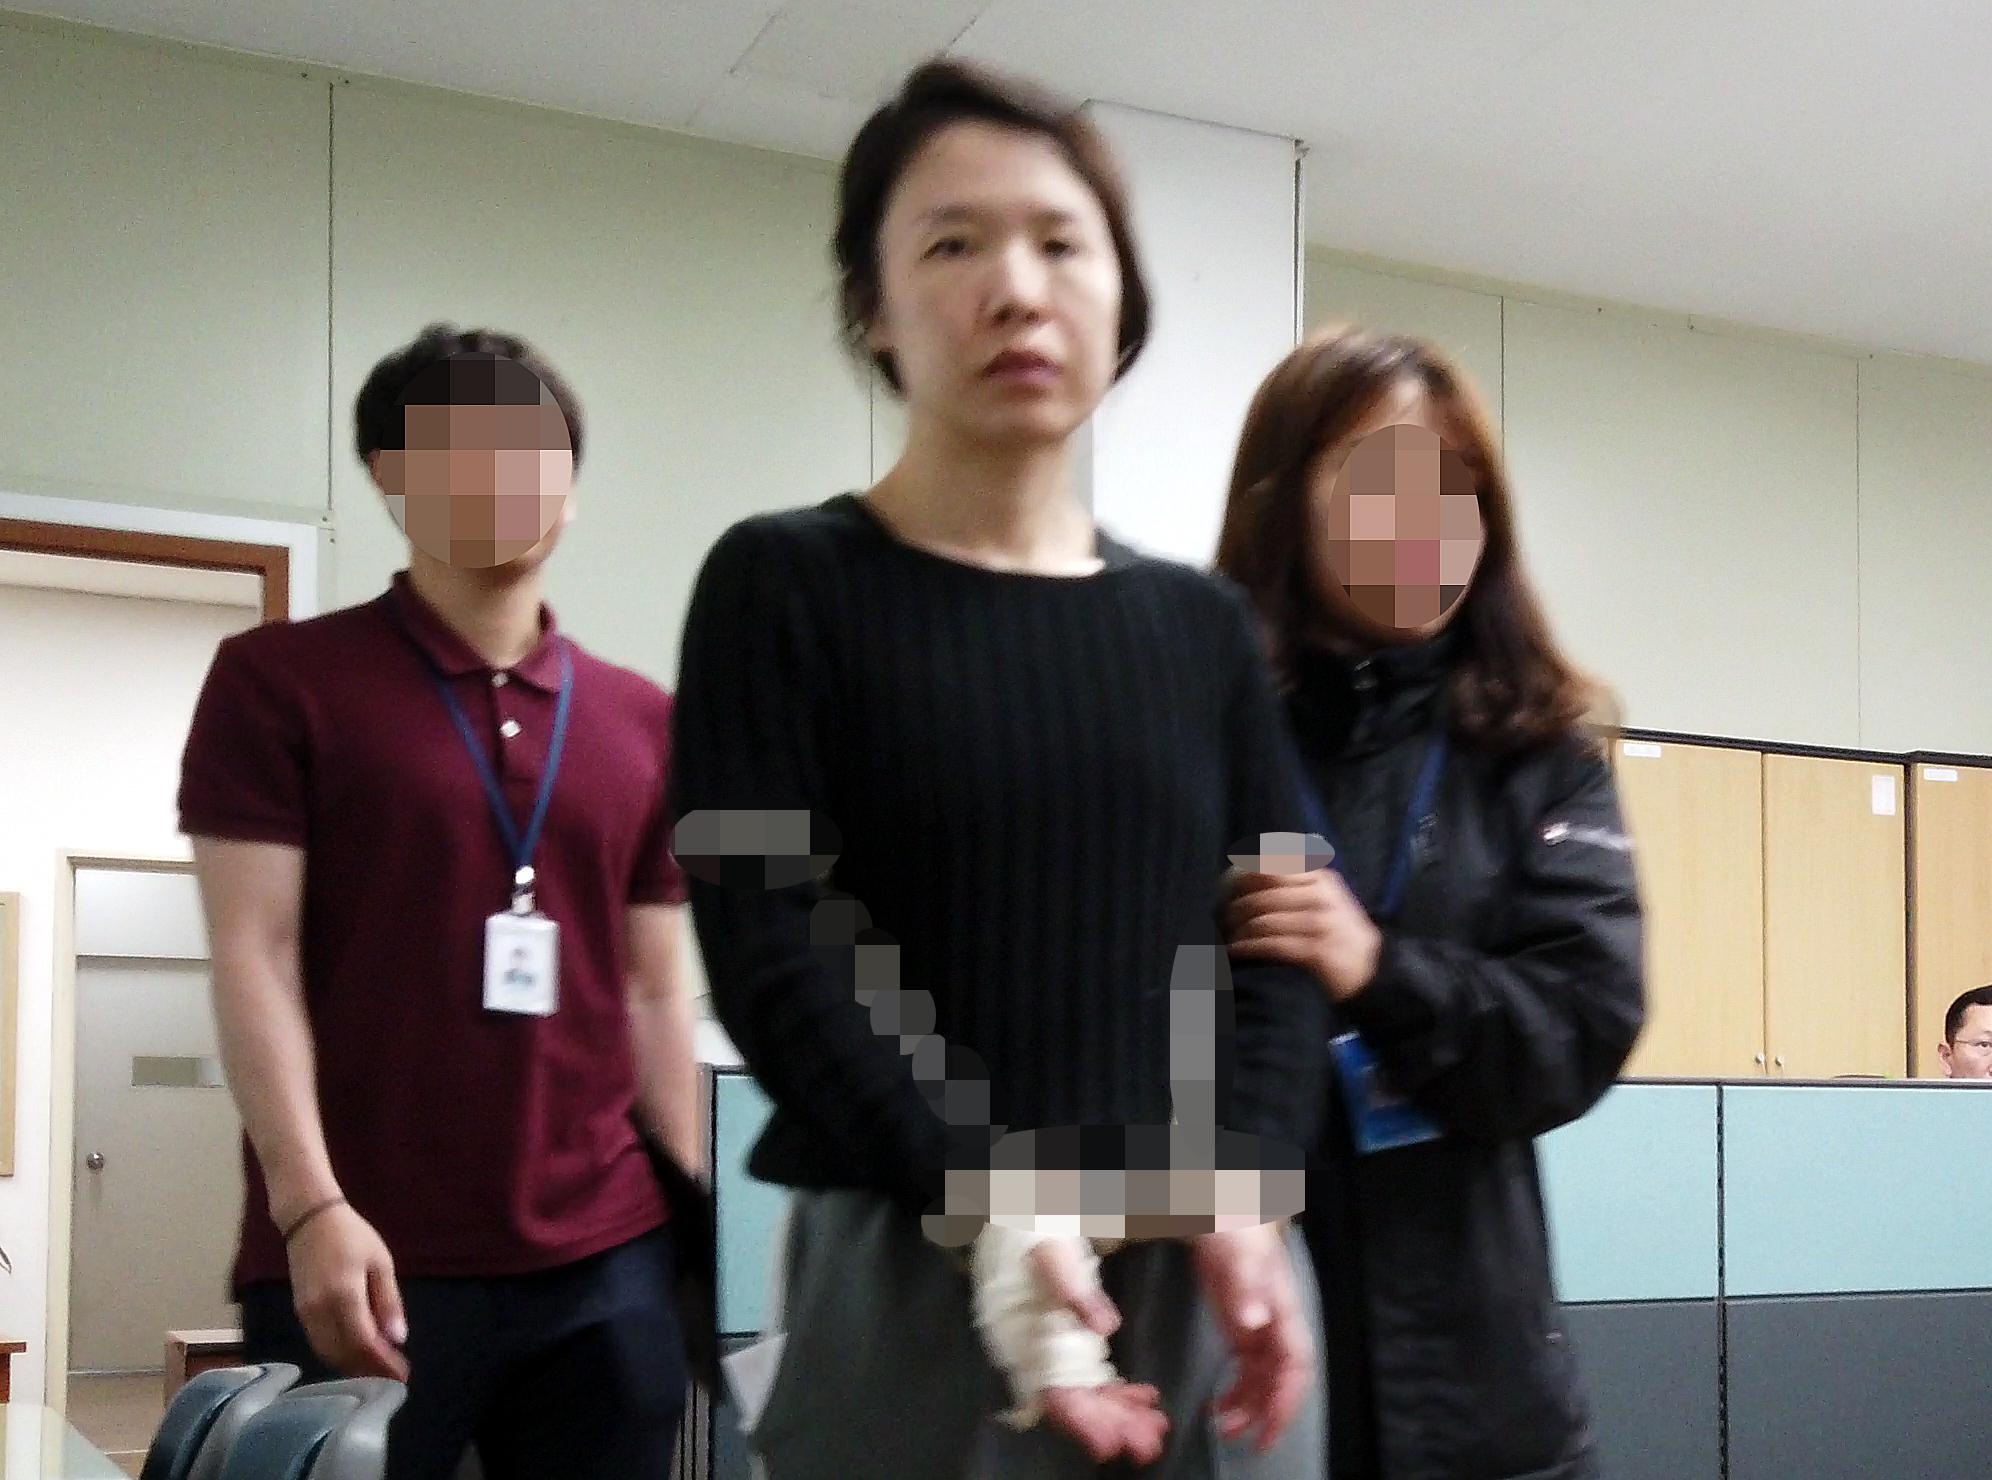 전 남편을 살해한 혐의로 구속된 고유정(36). [연합뉴스]